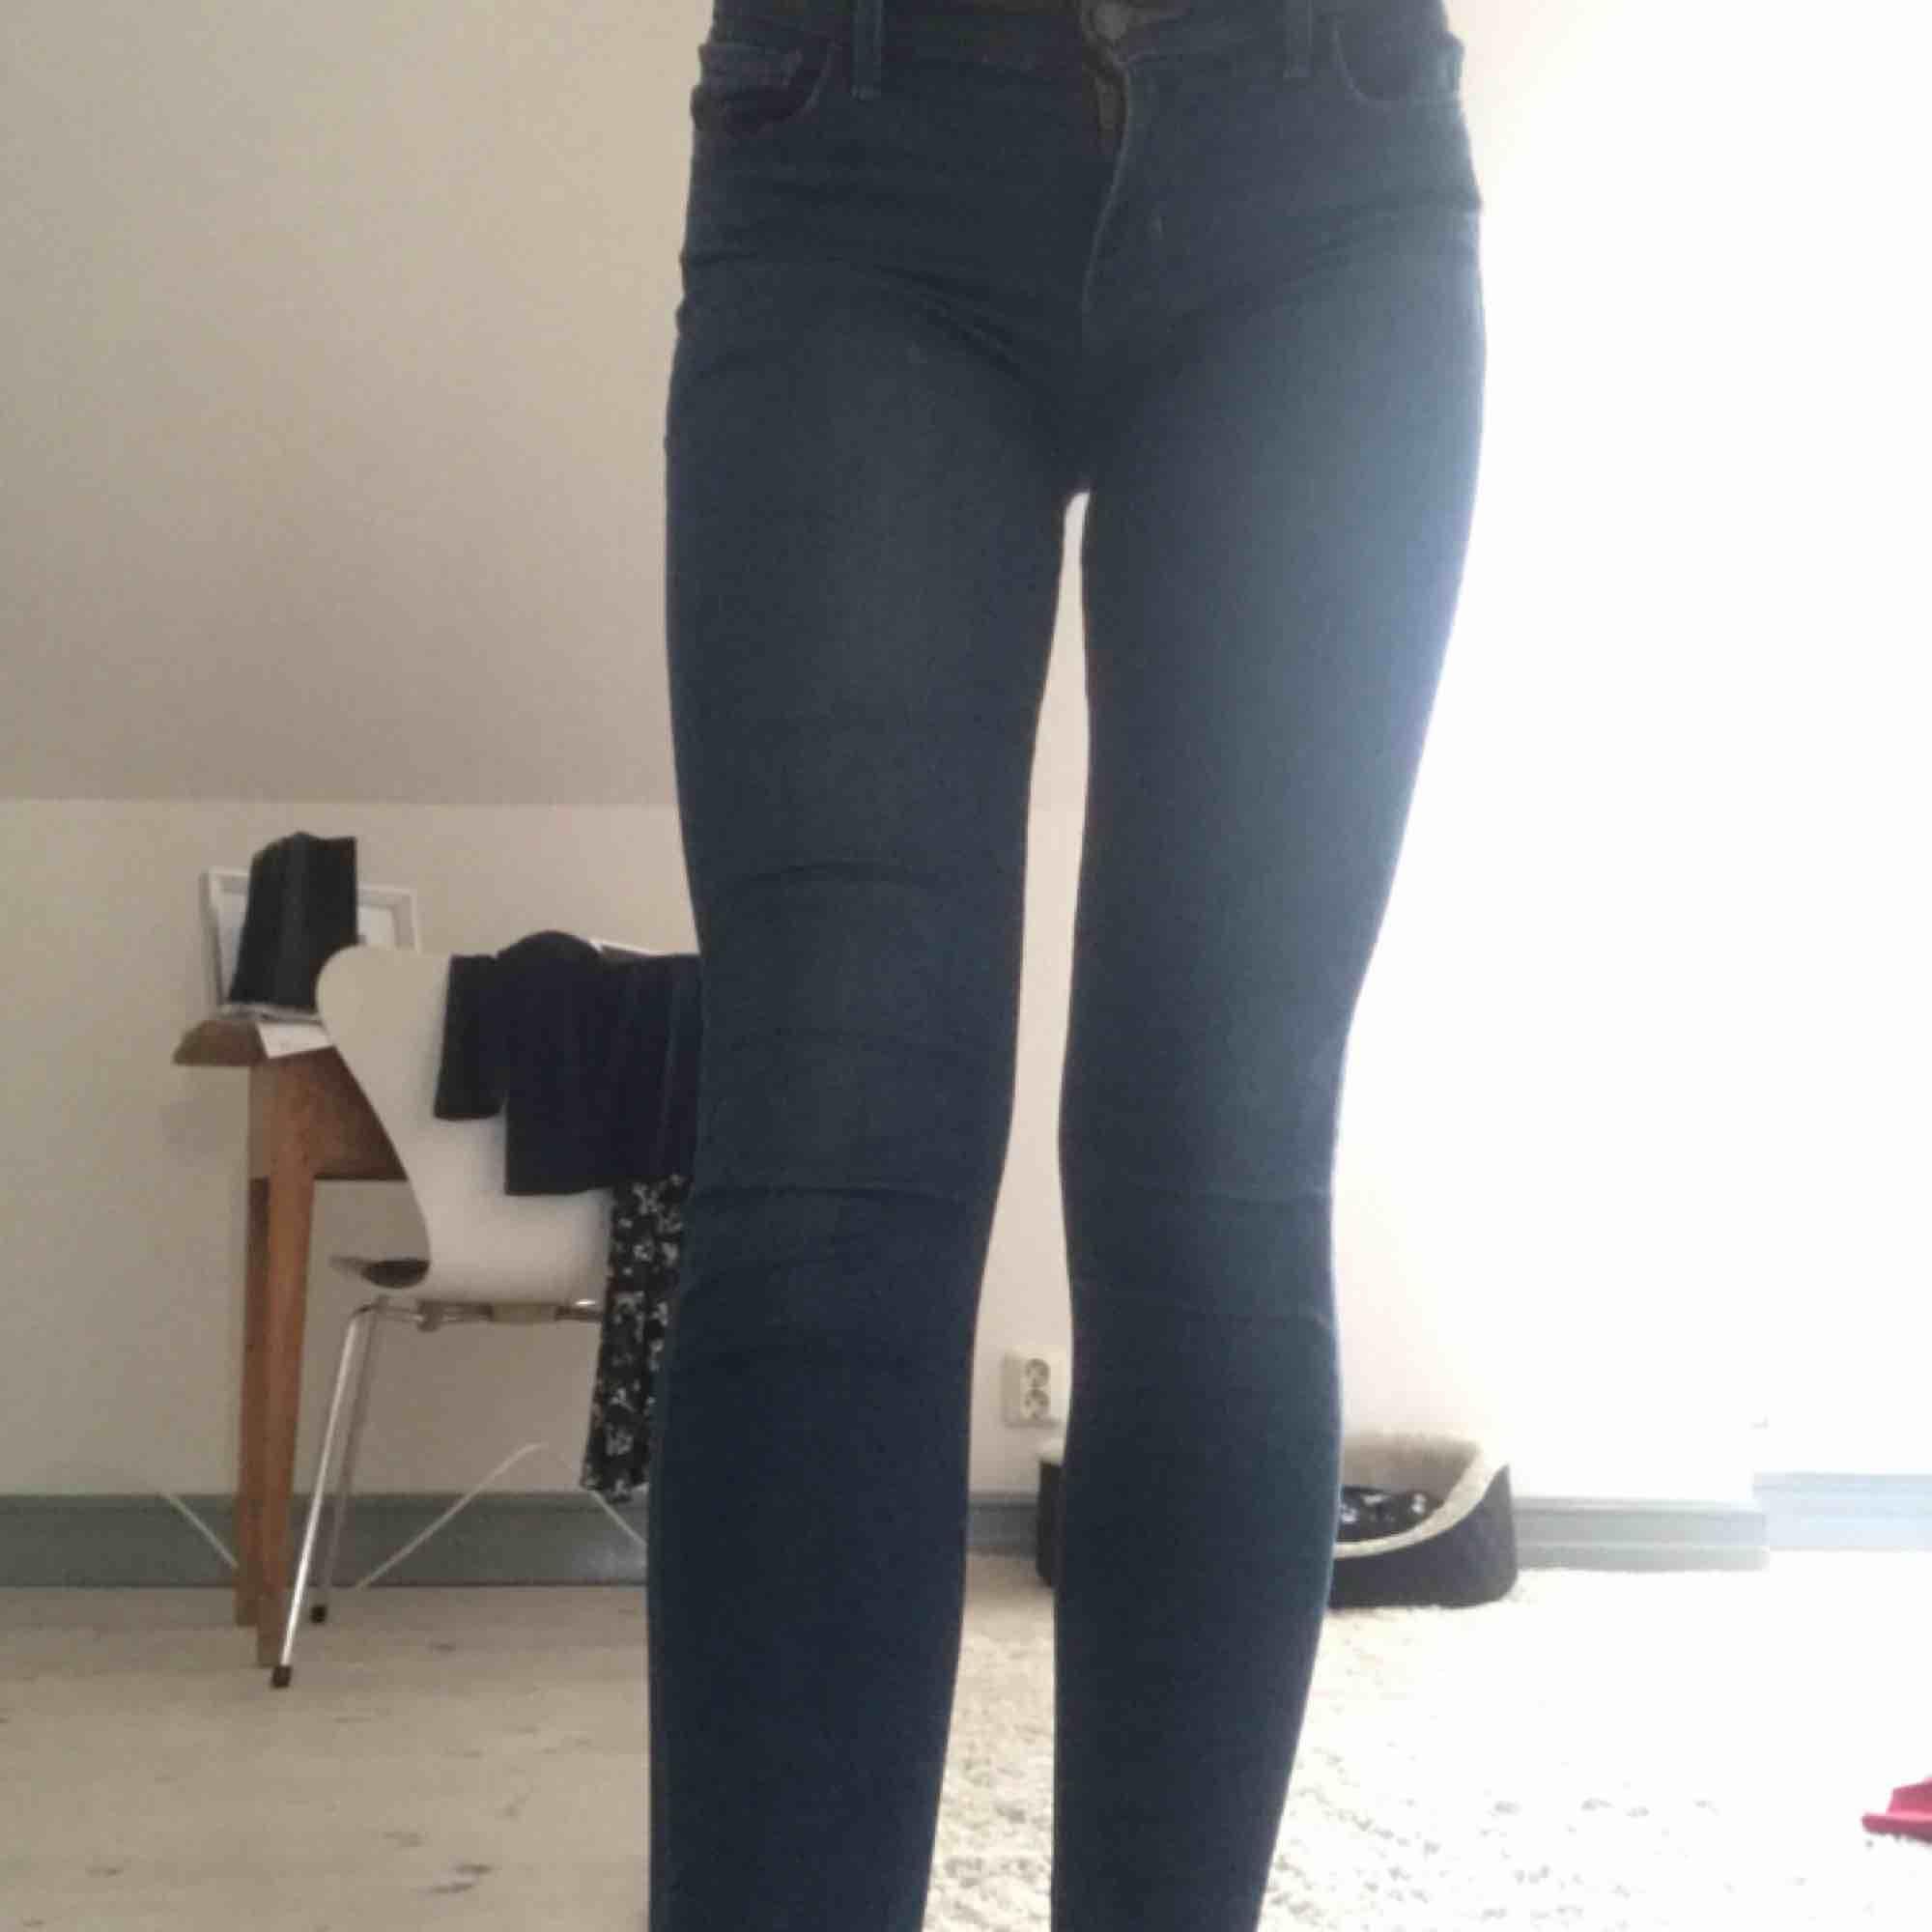 Levis jeans i mörkblått, säljs pga försmå för mig, men supersköna och snygg färg! Kan mötas upp i Lund annars tillkommer liten frakt. Jeans & Byxor.